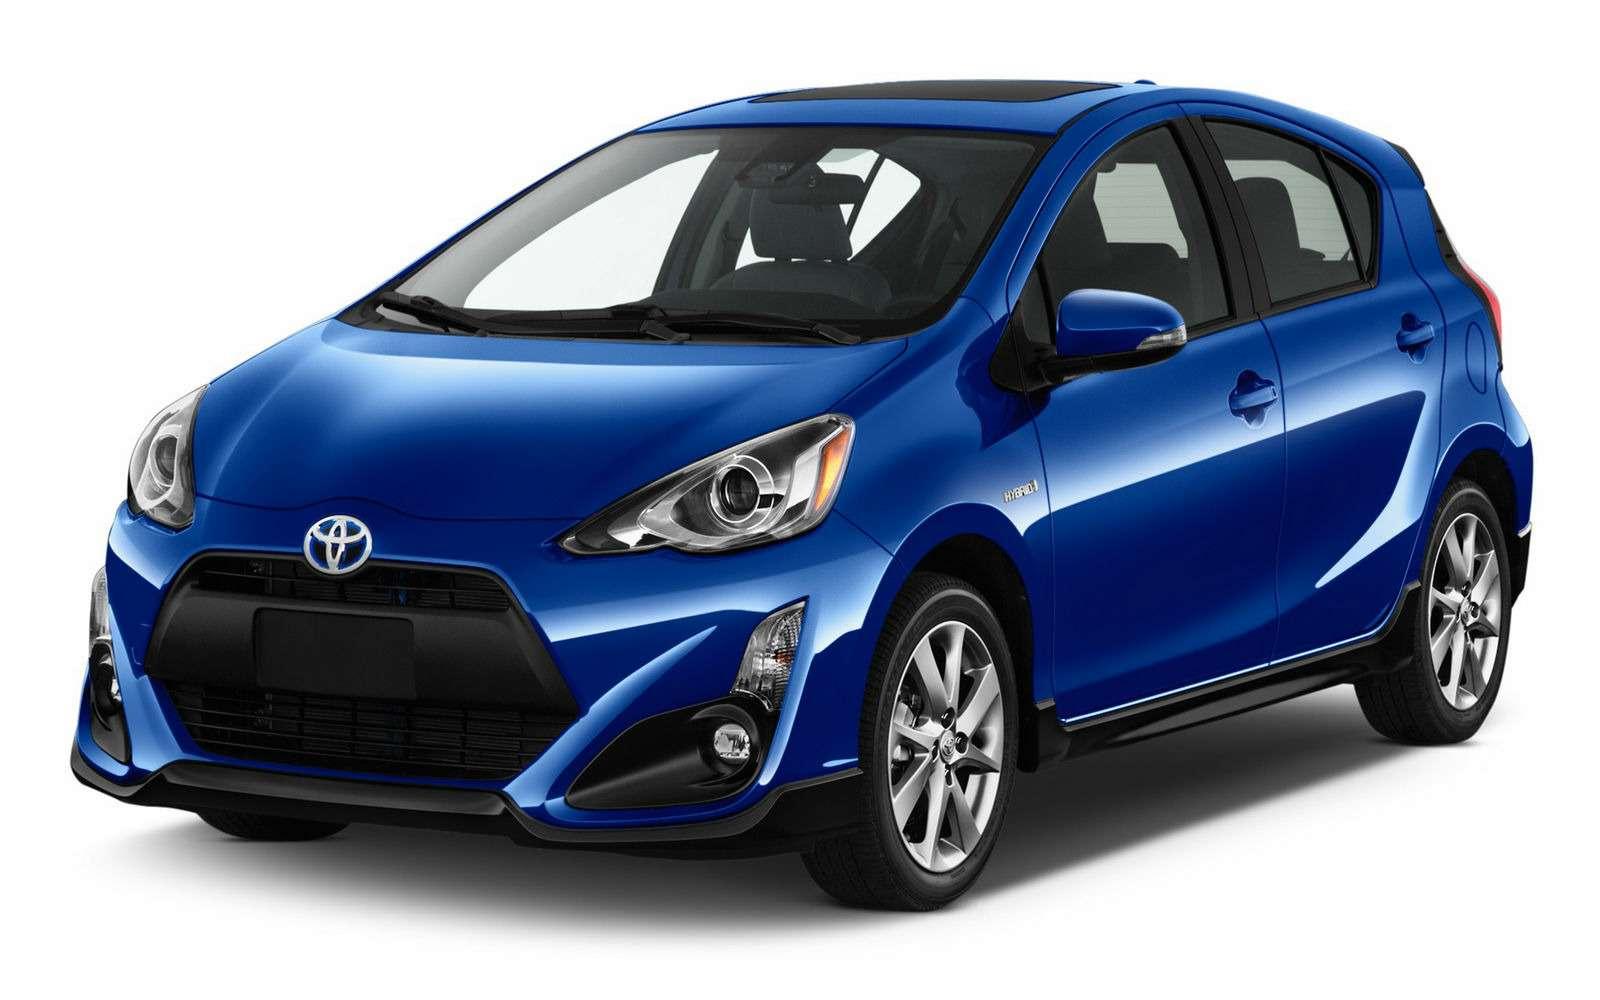 Спасти рядового Приуса: Toyota обновила младшую гибридную модель— фото 691769